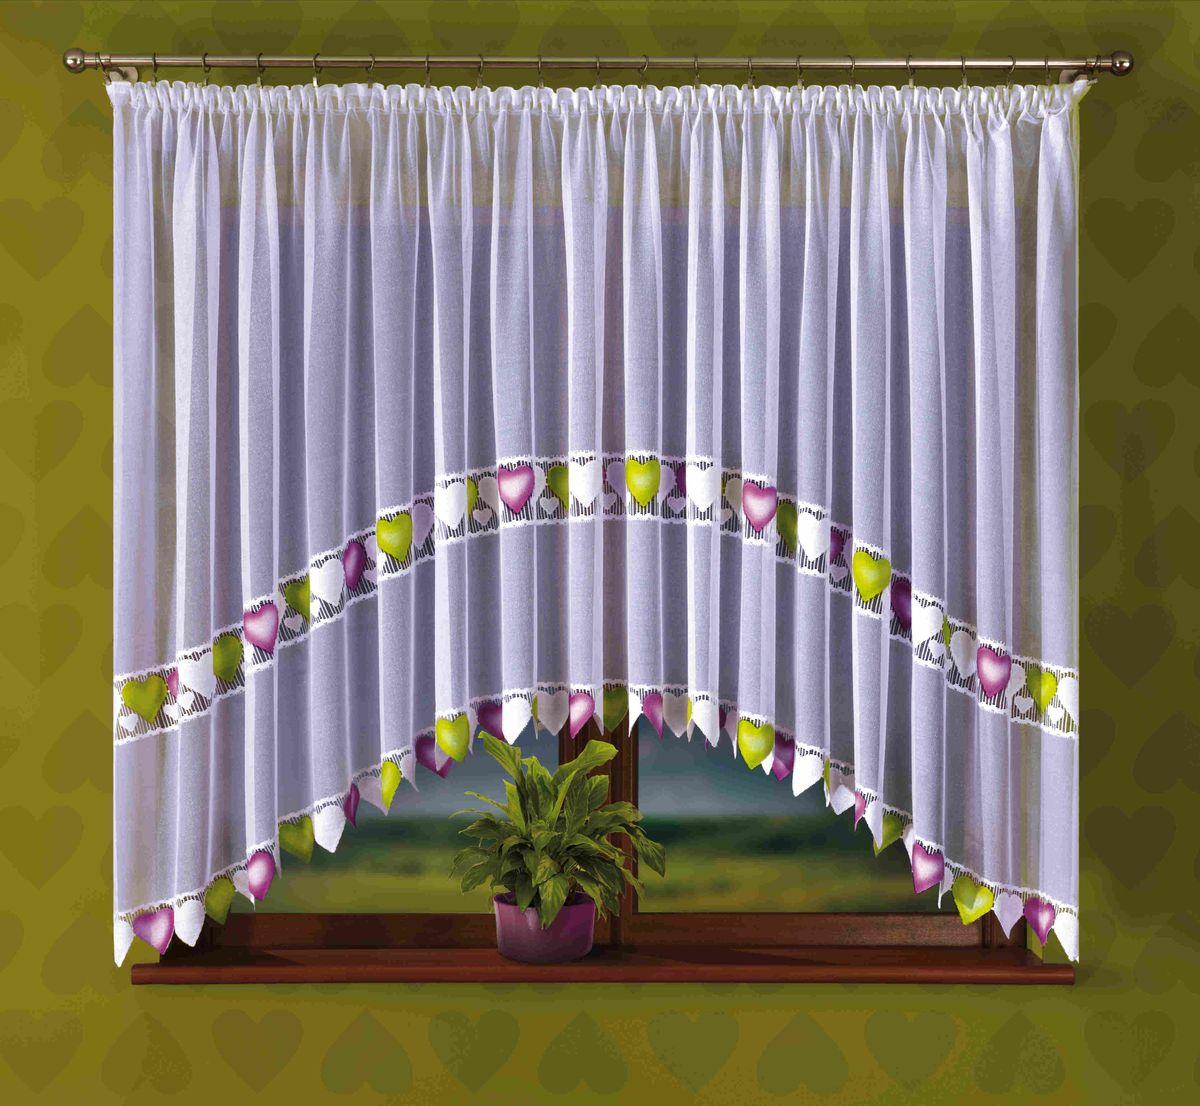 Гардина Wisan Serenada, на ленте, цвет: белый, высота 170 смS03301004Воздушная гардина Wisan Serenada, изготовленная из полиэстера, станет великолепным украшением любого окна. Изделие украшено ручной раскраской в виде сердец. Оригинальное оформление гардины внесет разнообразие и подарит заряд положительного настроения.Гардина оснащена шторной лентой для крепления на карниз.